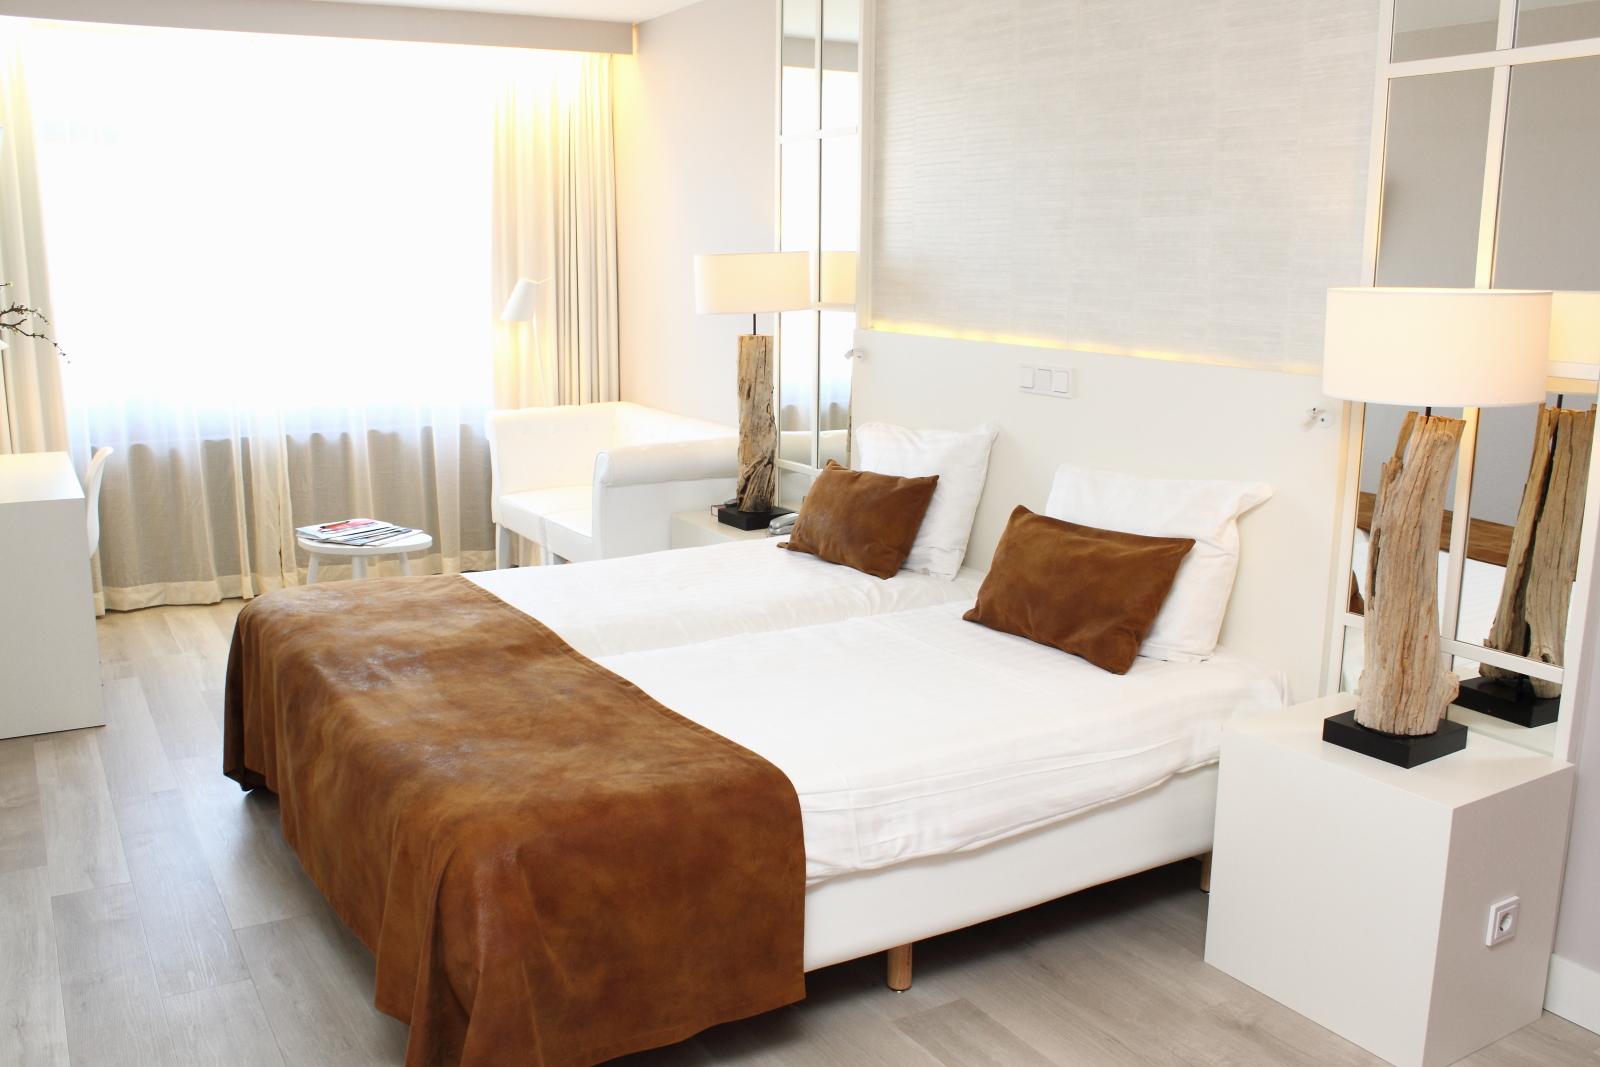 Betaalbaar comfort op een steenworp afstand van Groningen - Hotel Groningen-Westerbroek